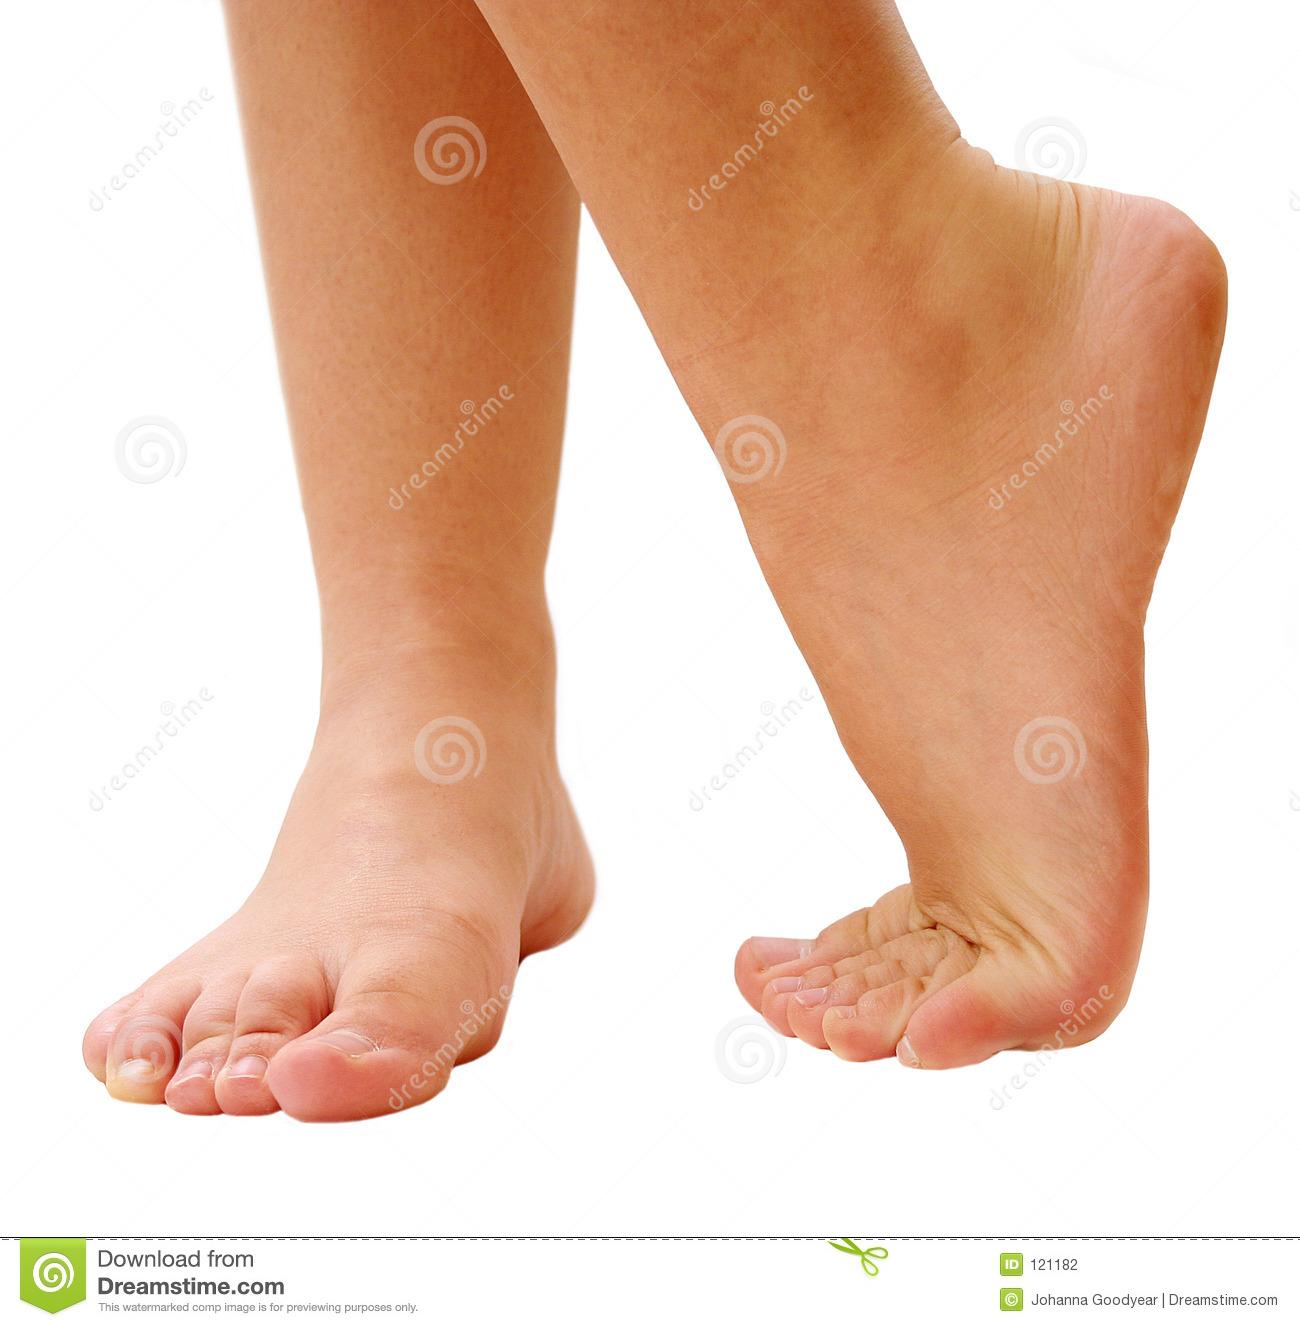 Barefoot clipart foot massage Dancing Feet and clipart Feet